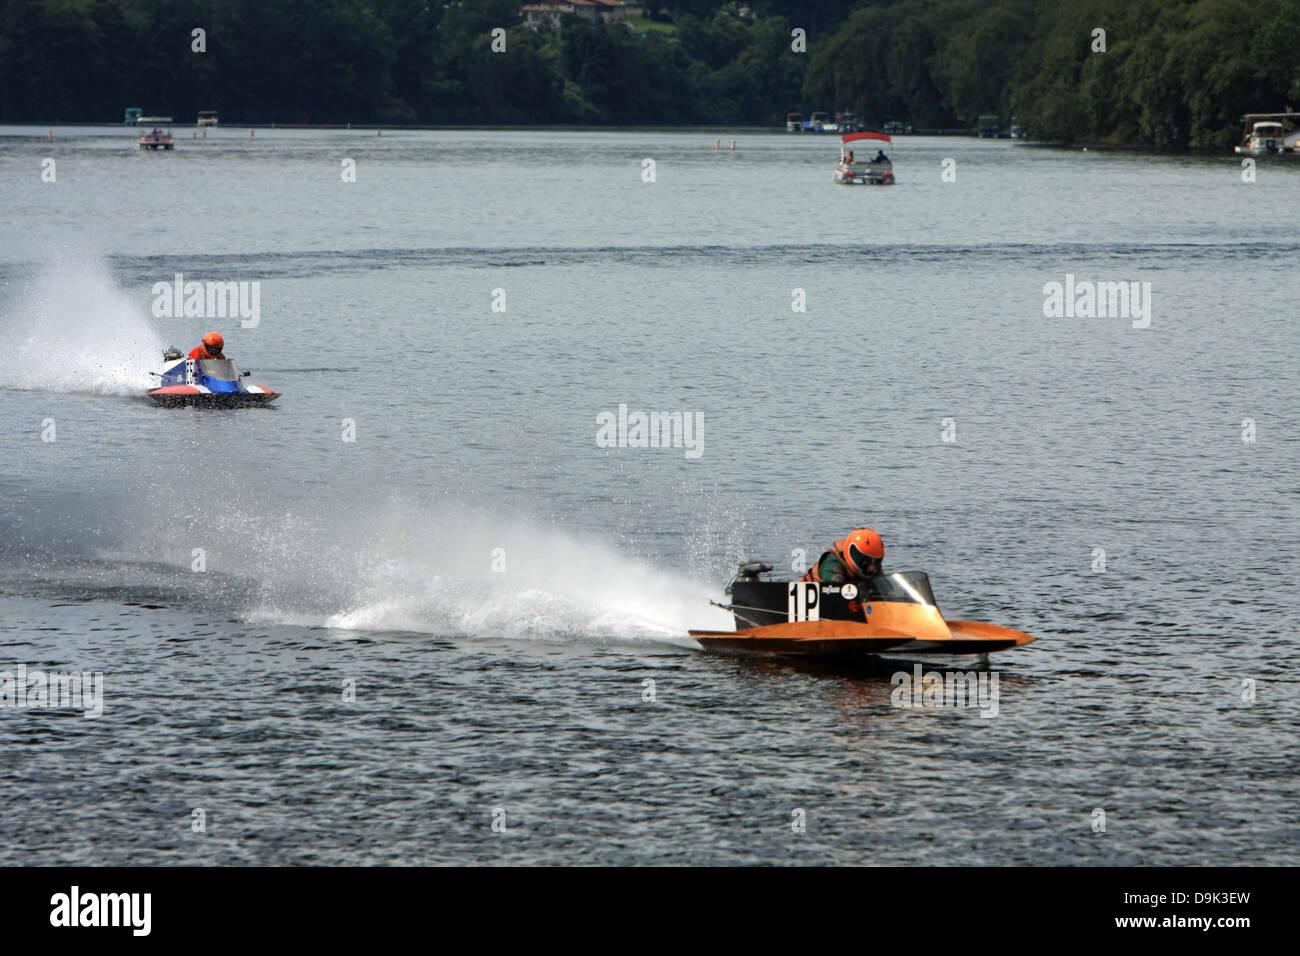 Outboard Motor Boat Race Racer Regatta Water River Lake